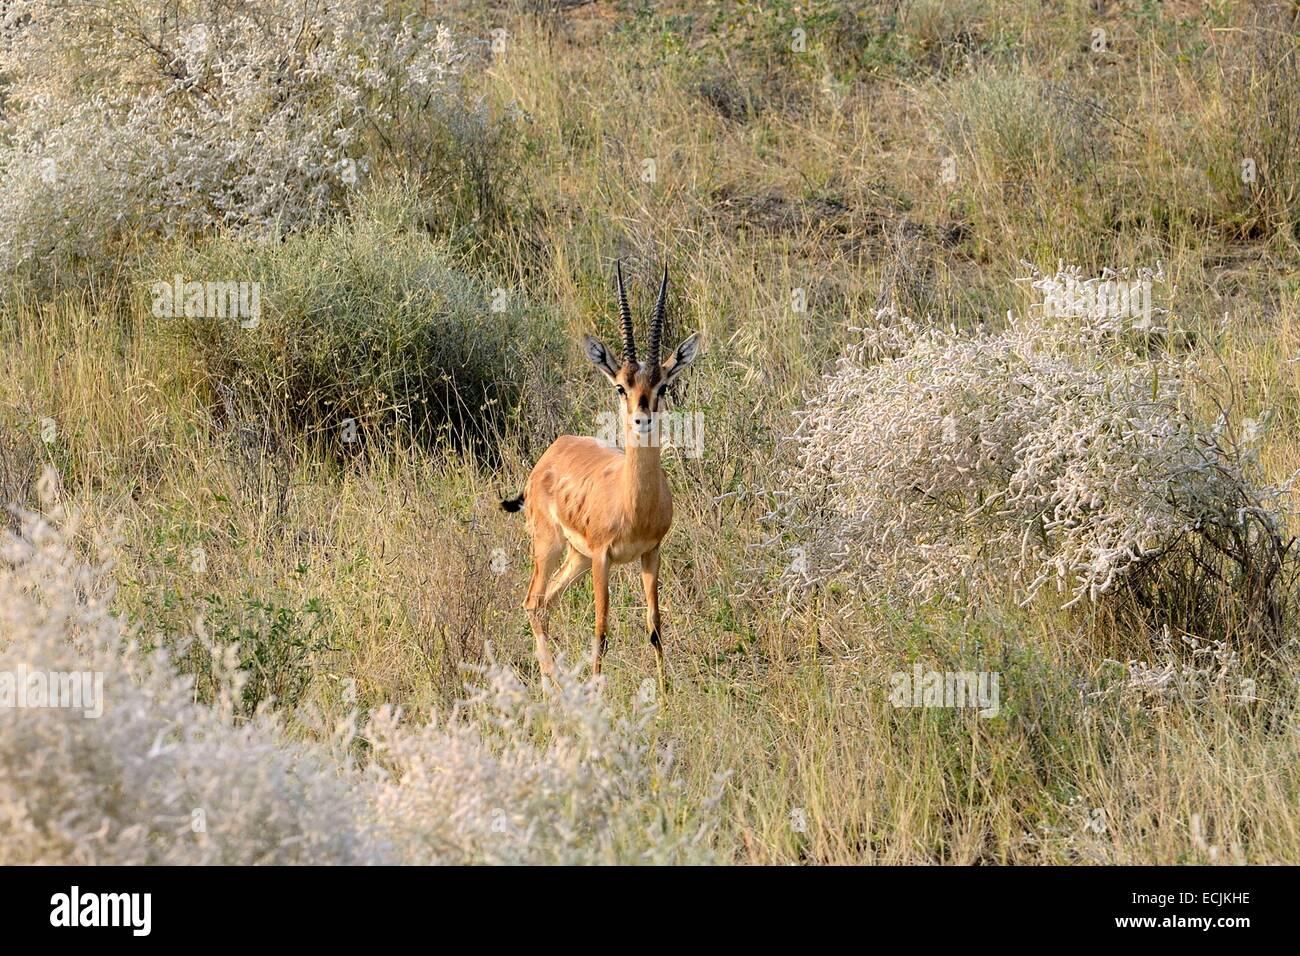 Indien, Rajasthan, Manwar Umgebung, Chinkara (indische Gazelle) Stockbild